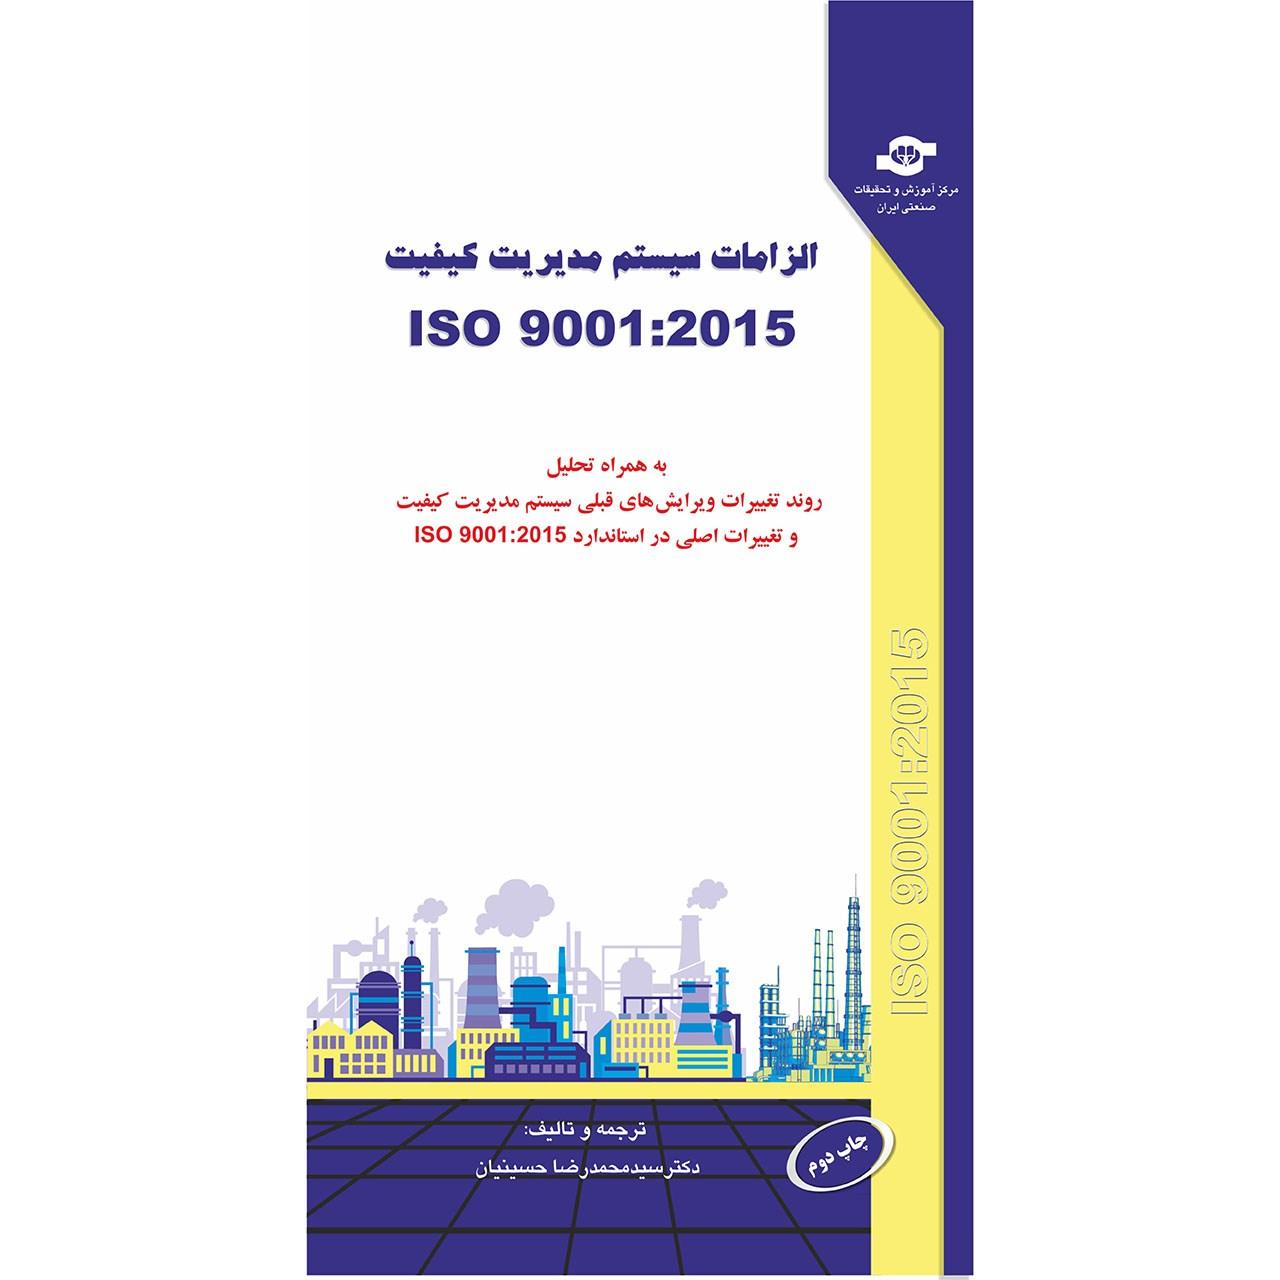 خرید                      کتاب الزامات سیستم مدیریت کیفیت ISO 9001-2015 ترجمه  محمد رضا حسینیان